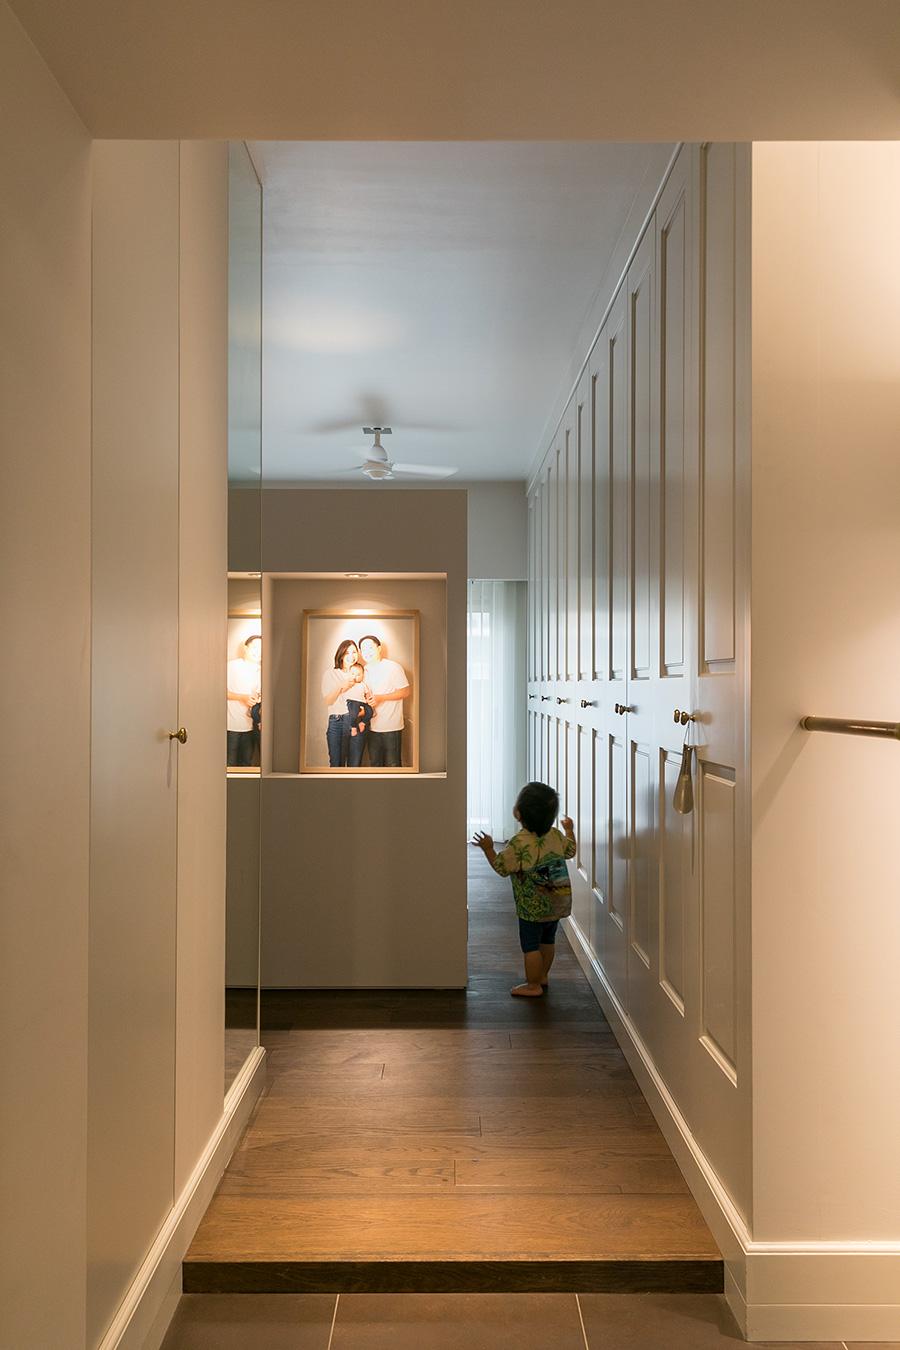 玄関ドアを開けると、右側に連続した収納。年賀状のためにスタジオで撮影した家族写真が飾られた棚は、グルリと回遊できる。一生くんがグルグル走って遊ぶのだとか。